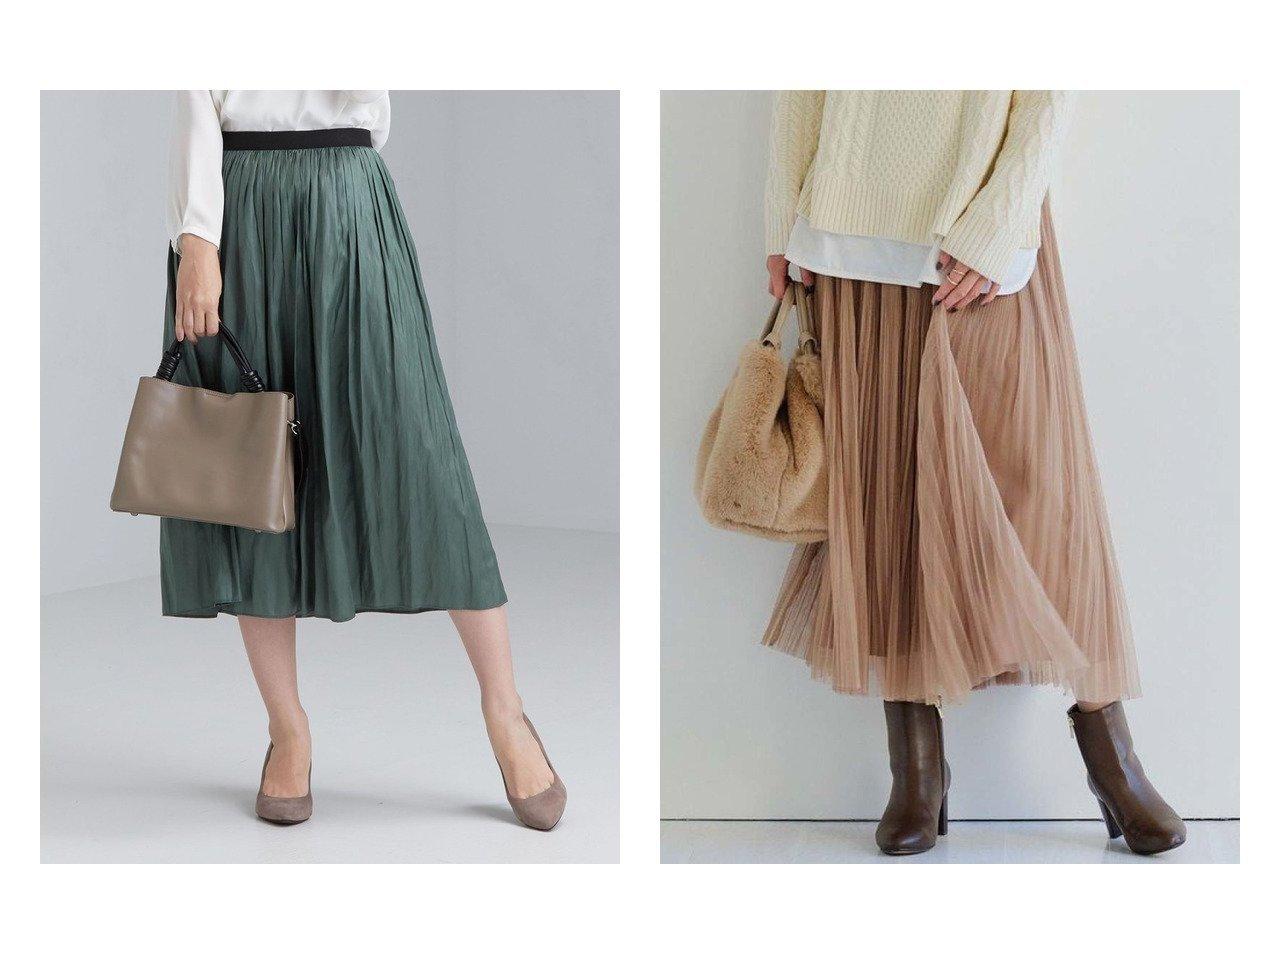 【UNITED ARROWS green label relaxing/ユナイテッドアローズ グリーンレーベル リラクシング】のCS monable チンツ サテン ギャザー スカート&CFC チュール フェード プリーツ スカート スカートのおすすめ!人気、レディースファッションの通販 おすすめで人気のファッション通販商品 インテリア・家具・キッズファッション・メンズファッション・レディースファッション・服の通販 founy(ファニー) https://founy.com/ ファッション Fashion レディース WOMEN スカート Skirt Aライン/フレアスカート Flared A-Line Skirts プリーツスカート Pleated Skirts ギャザー サテン シューズ シンプル フェイクレザー フレア ミモレ 春 秋 くるぶし チュール 定番 人気 フラット プリーツ マキシ  ID:crp329100000001545